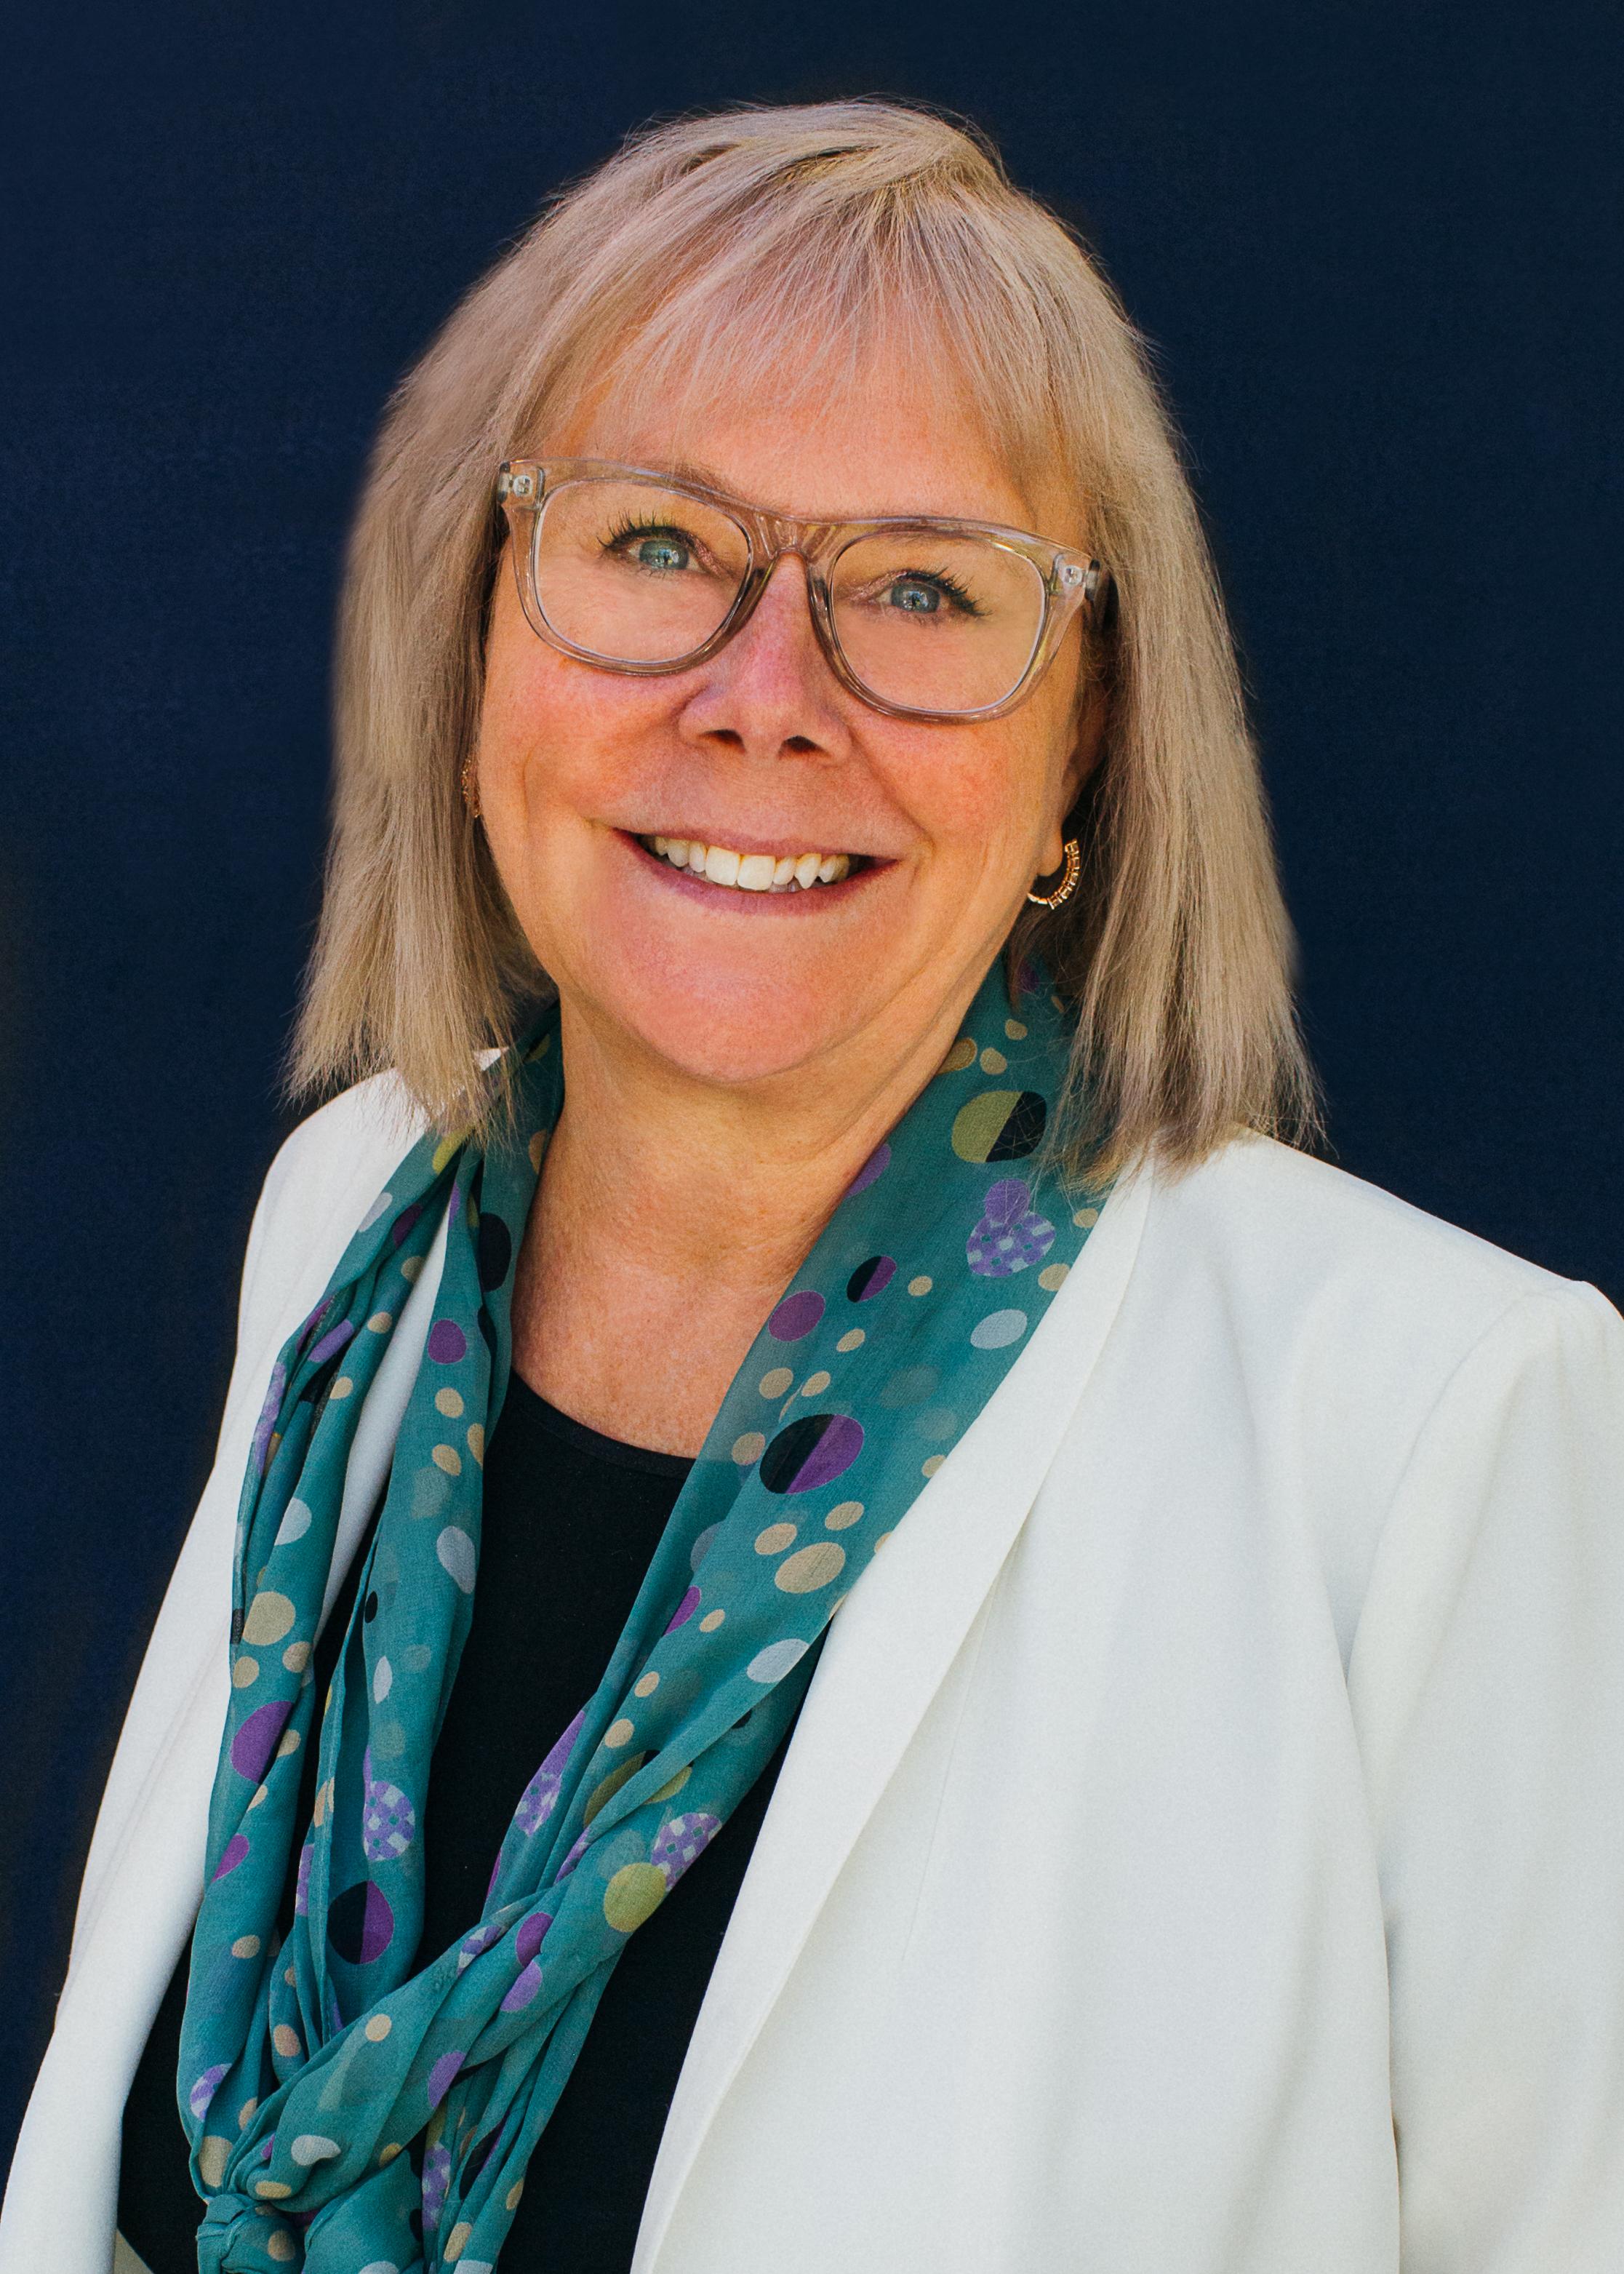 Mary Nielsen